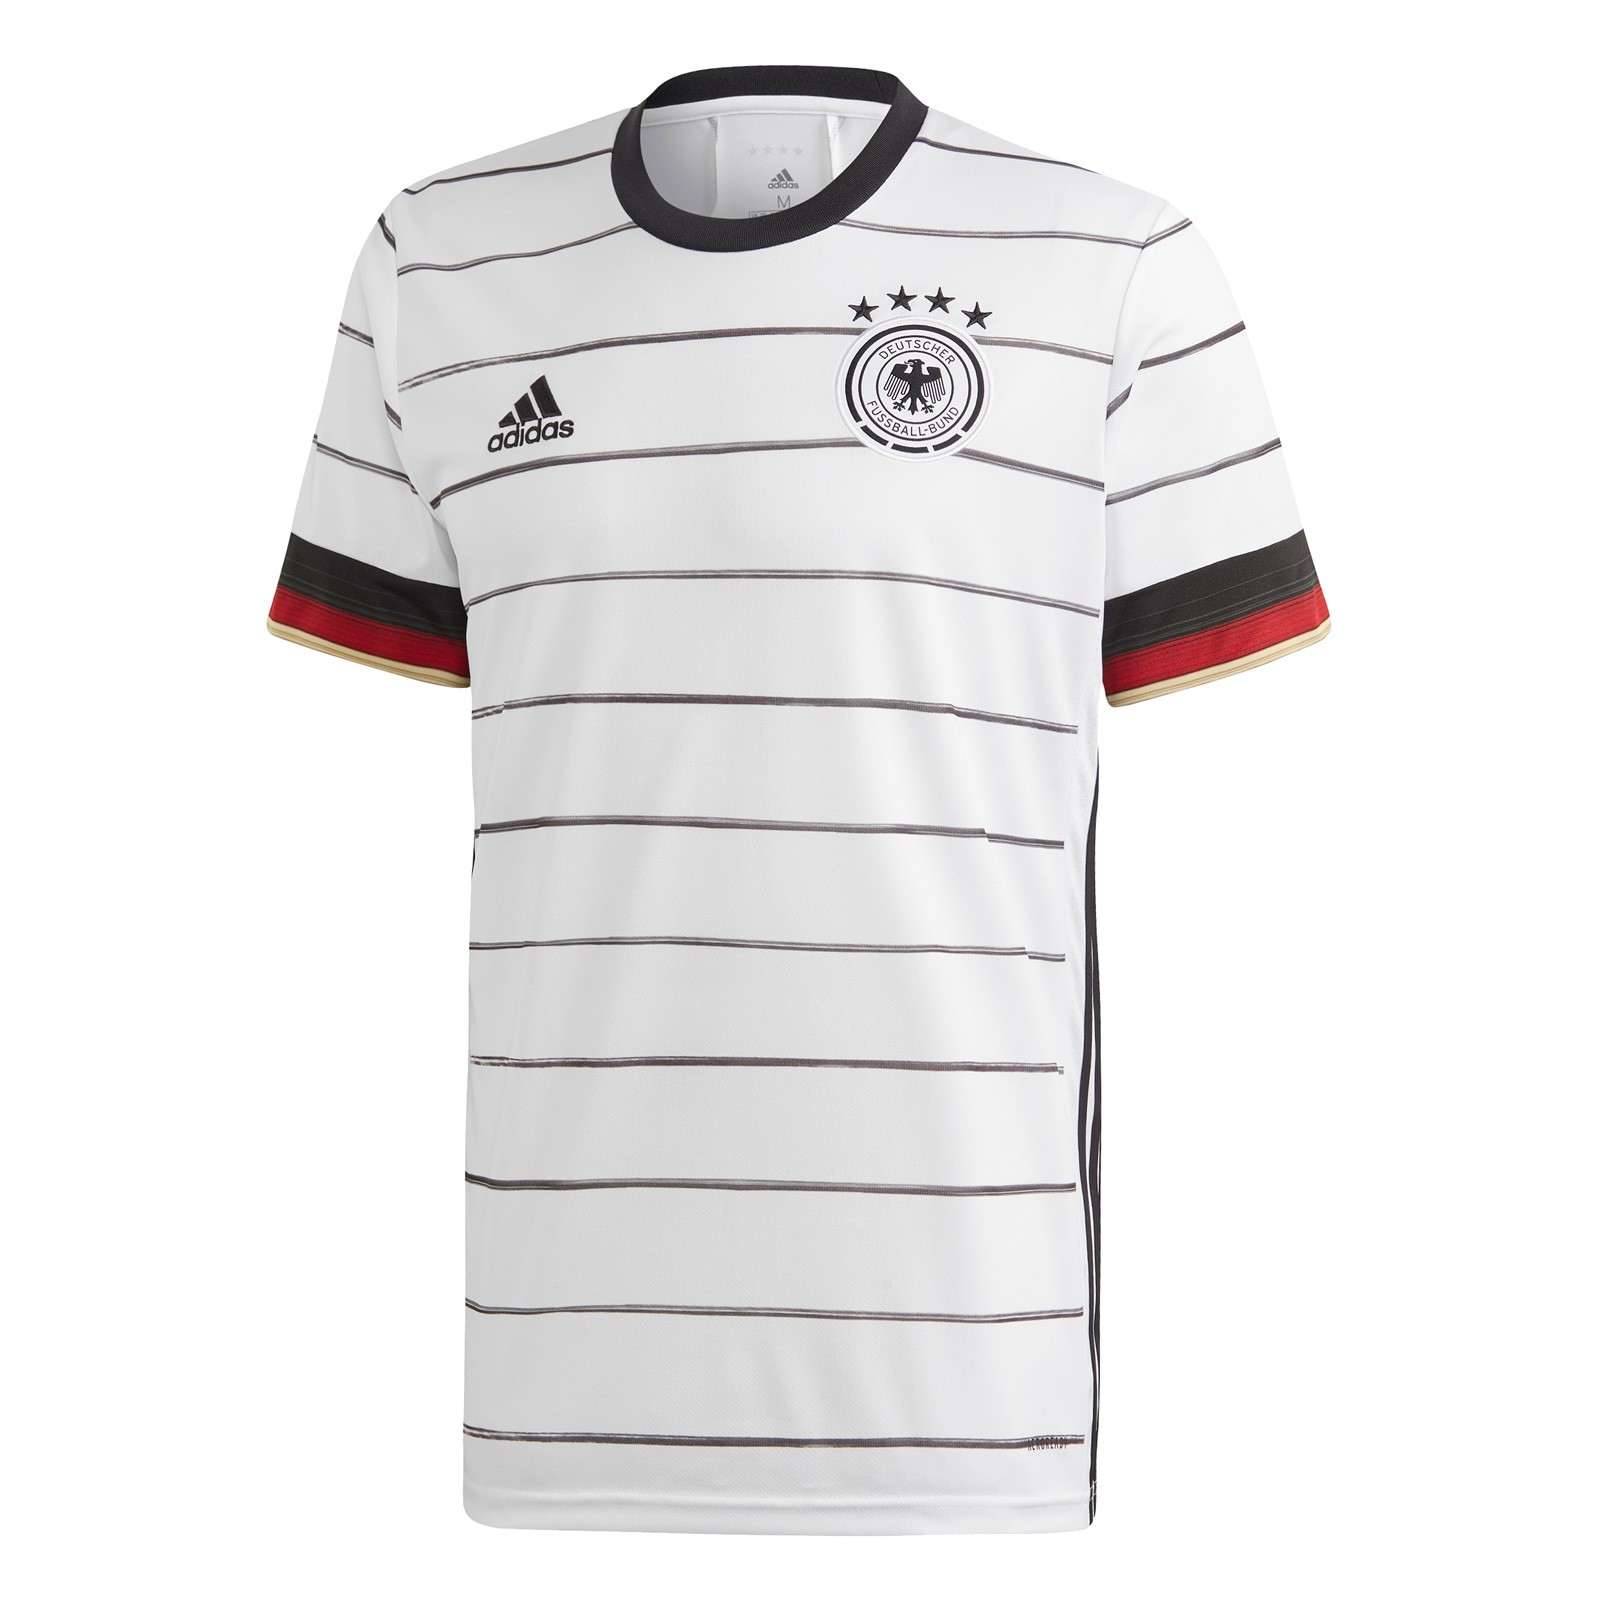 德国国家队2020欧洲杯球迷版主场球衣